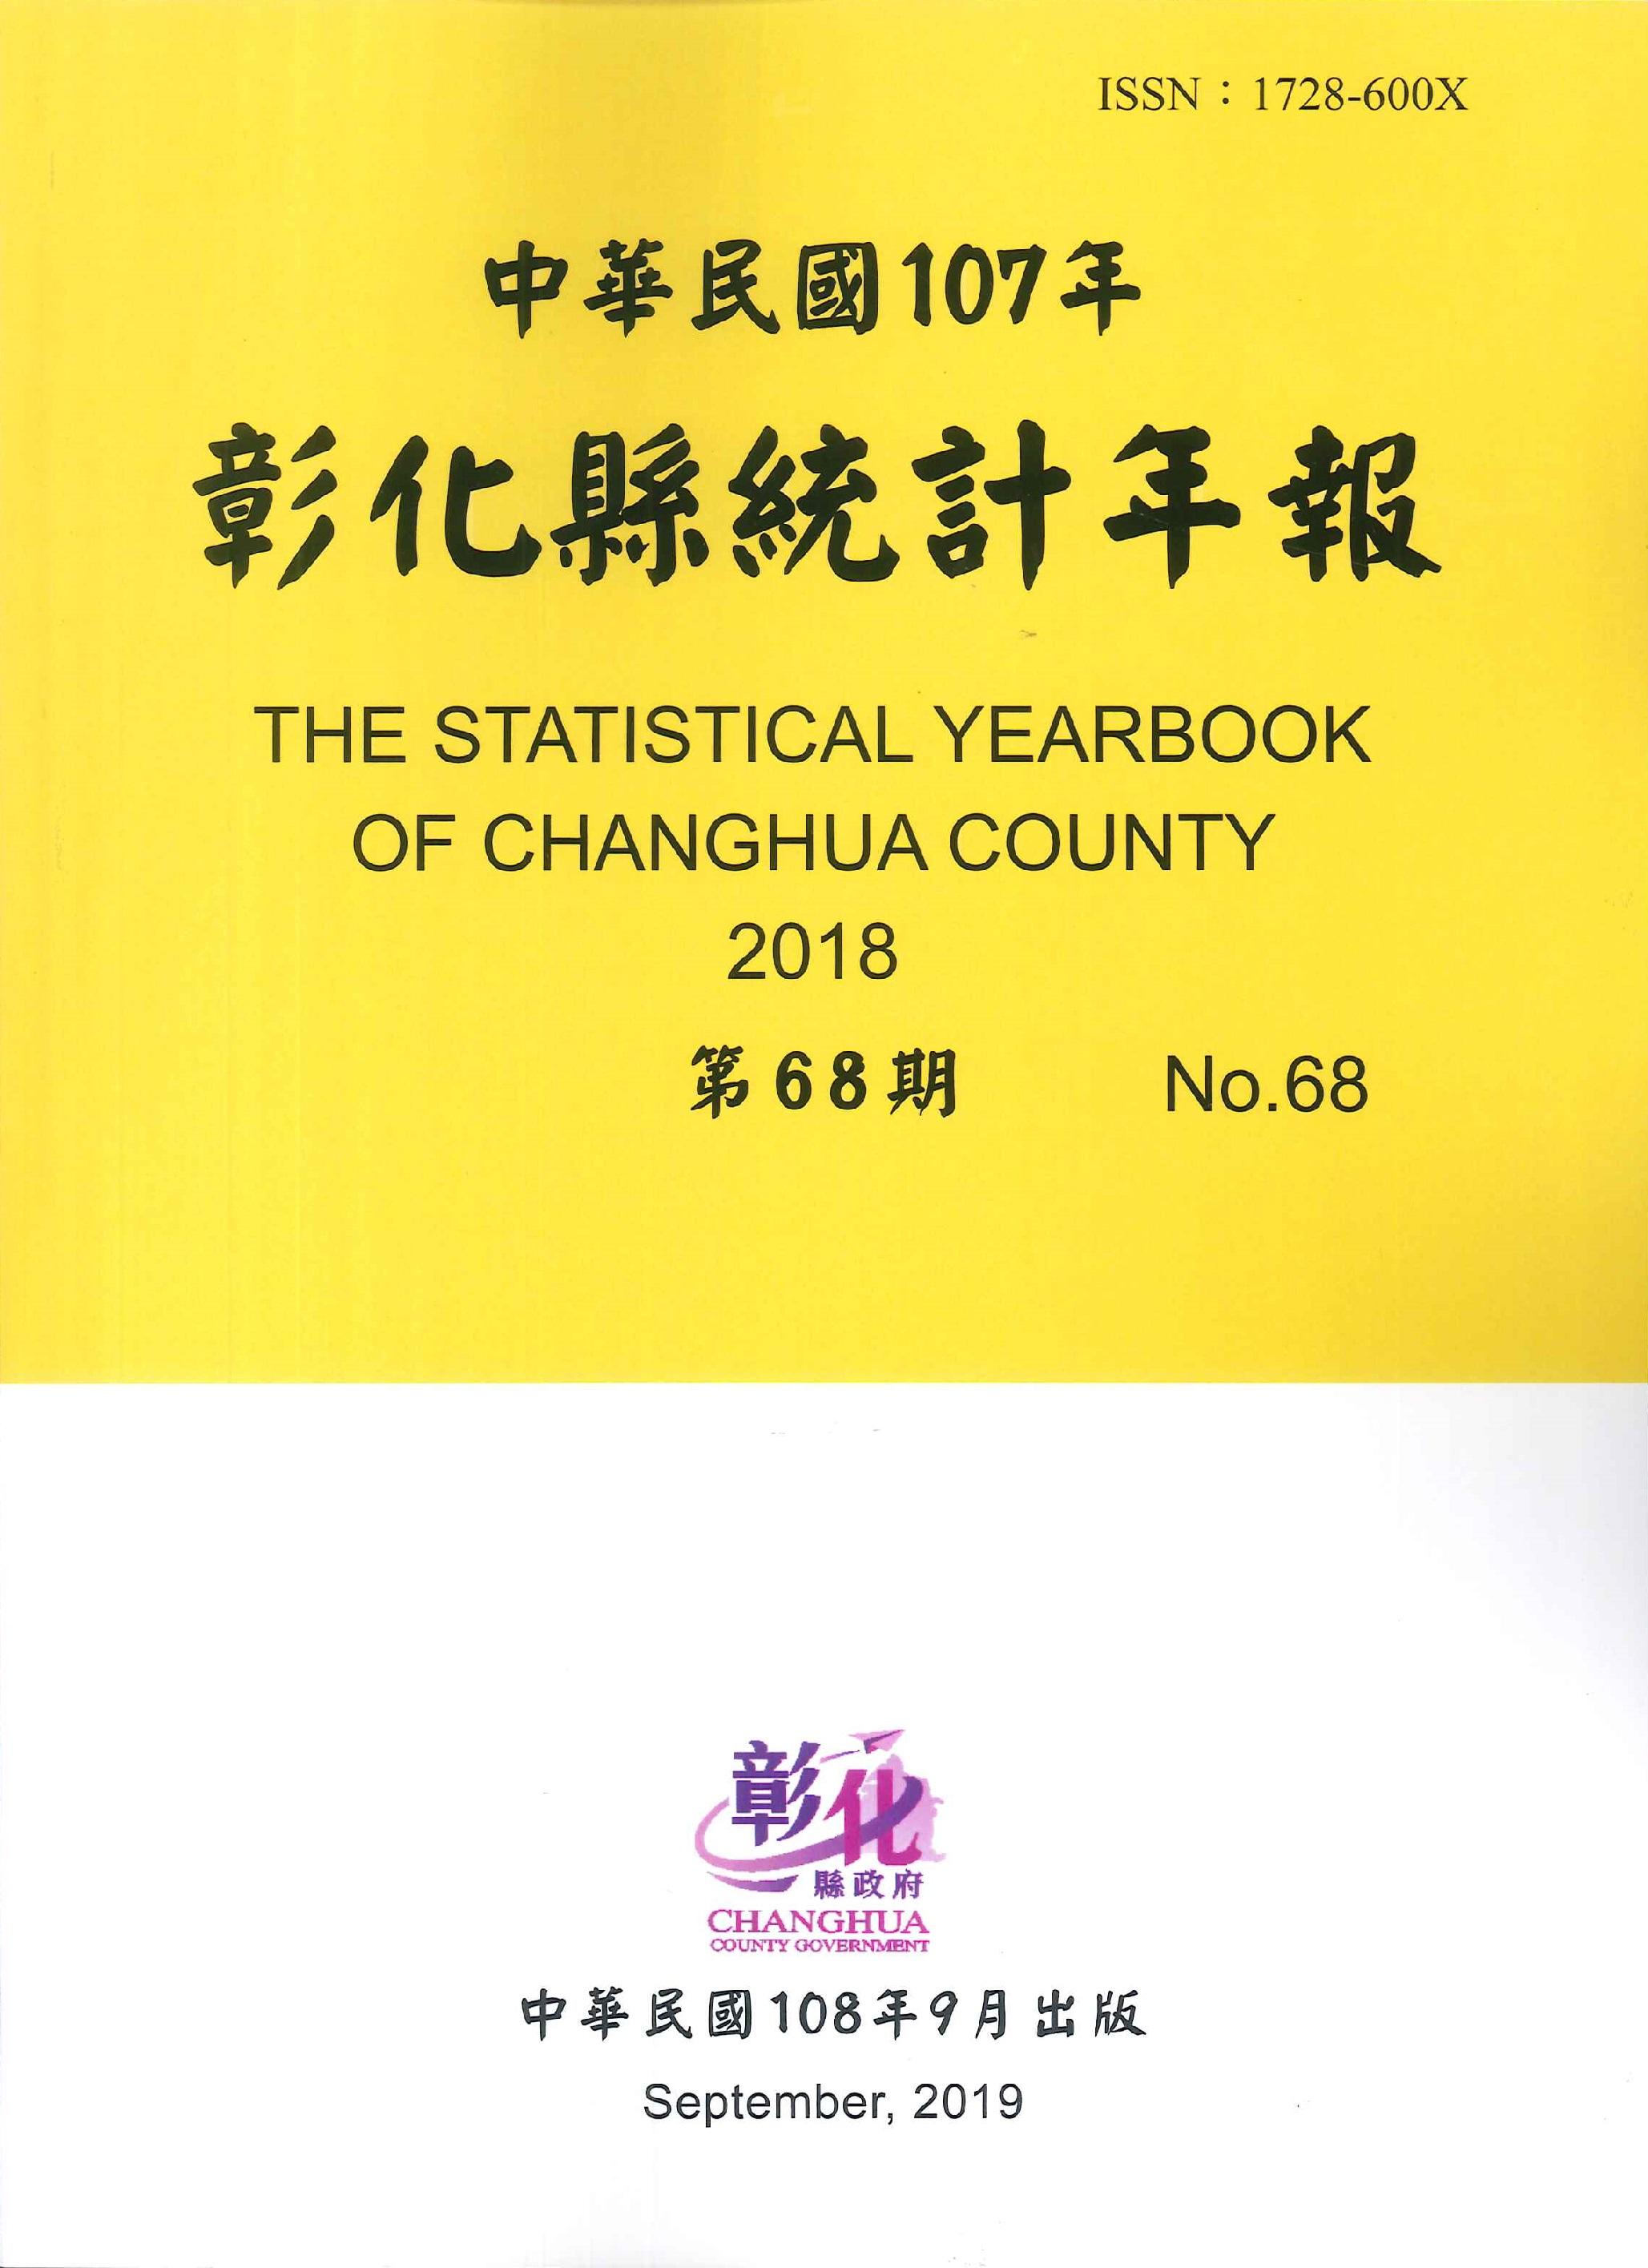 彰化縣統計年報.2018=The statistical yearbook of Changhua County